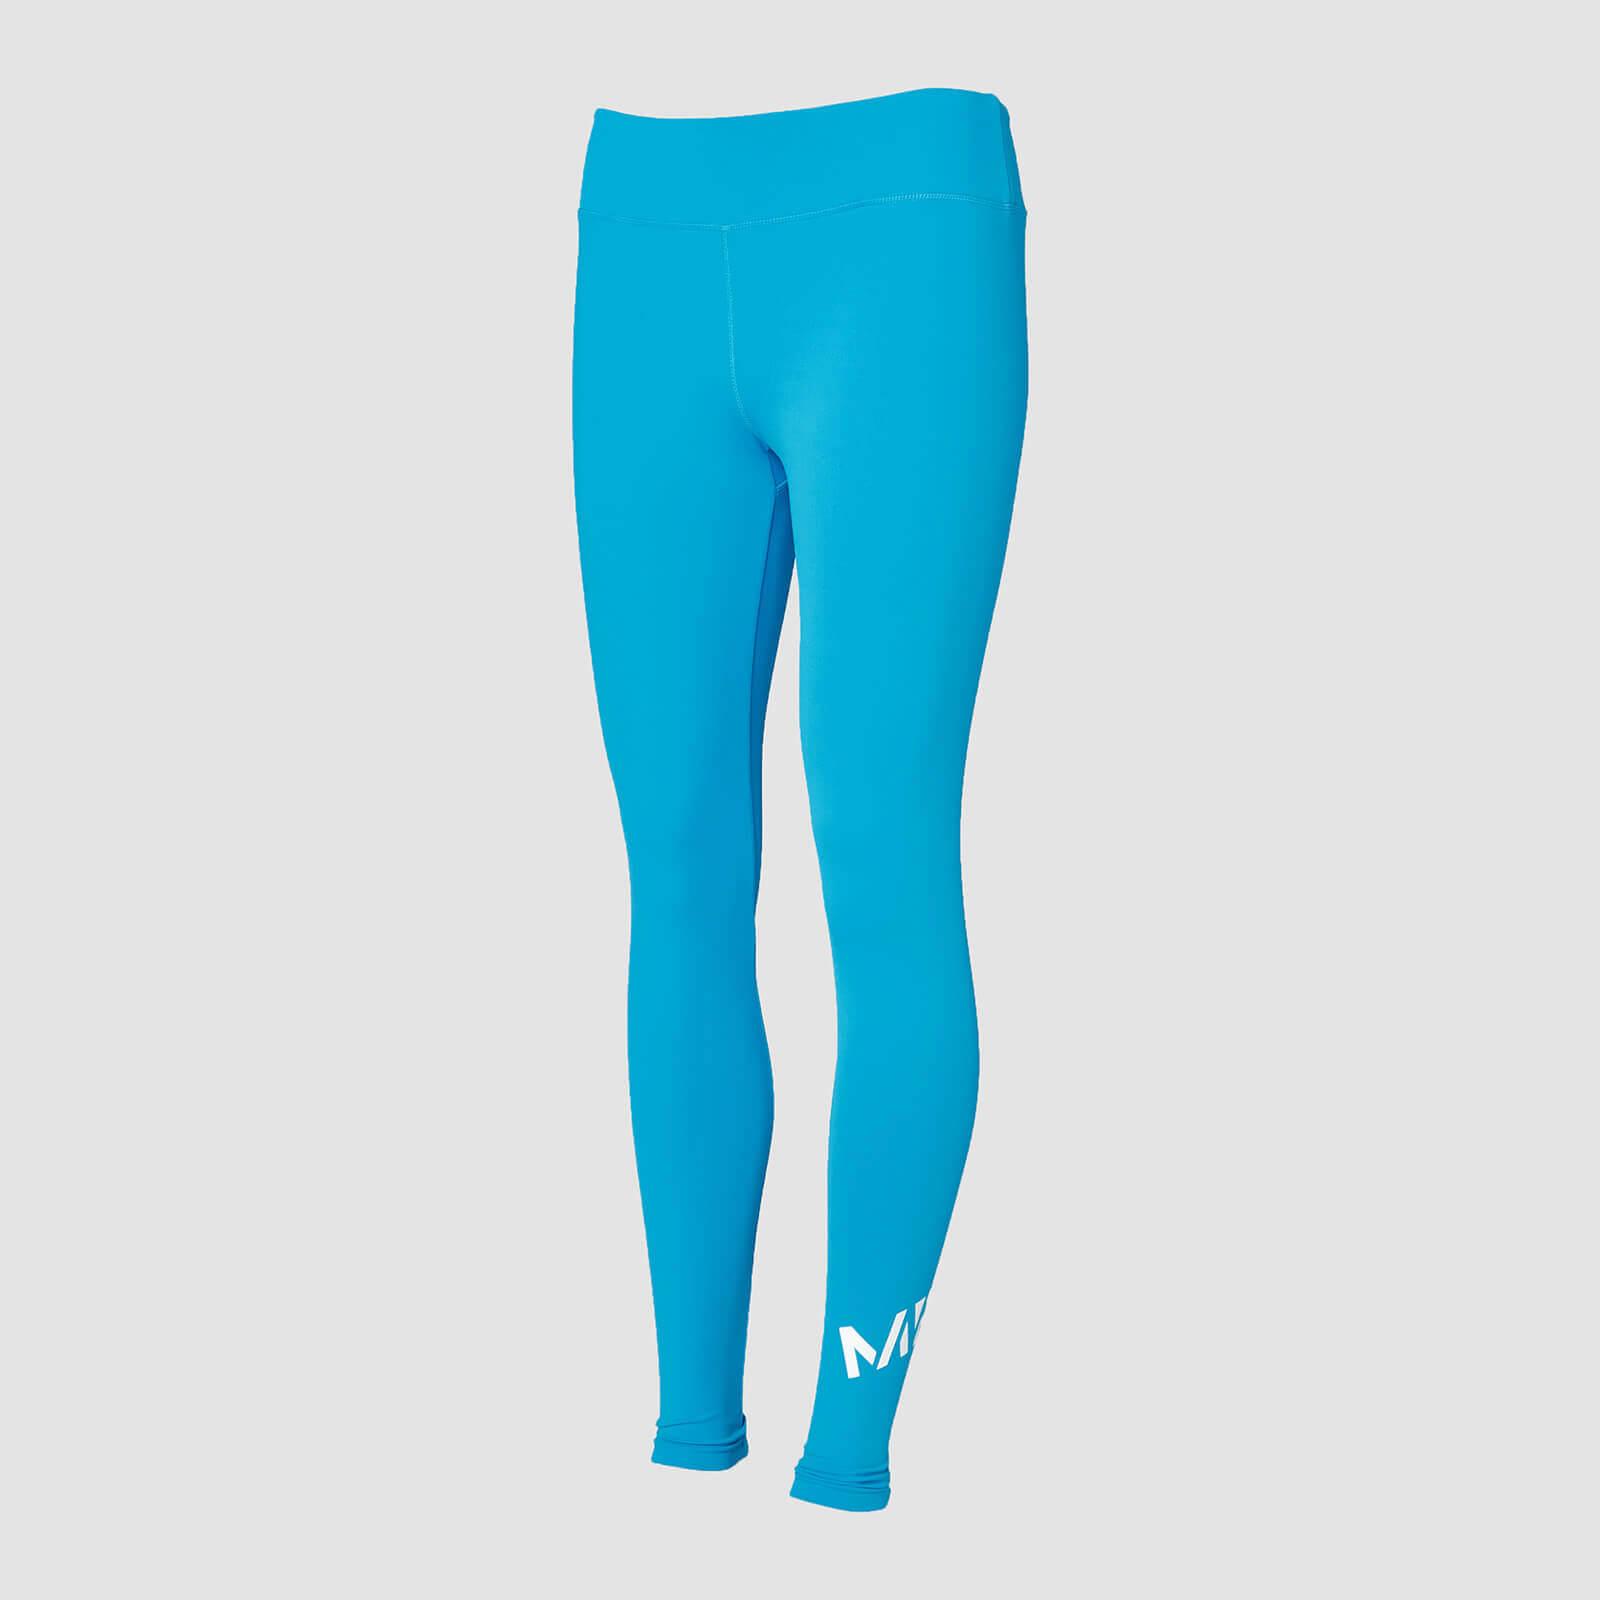 Legging d'entraînement Essentials - Bleu - XS